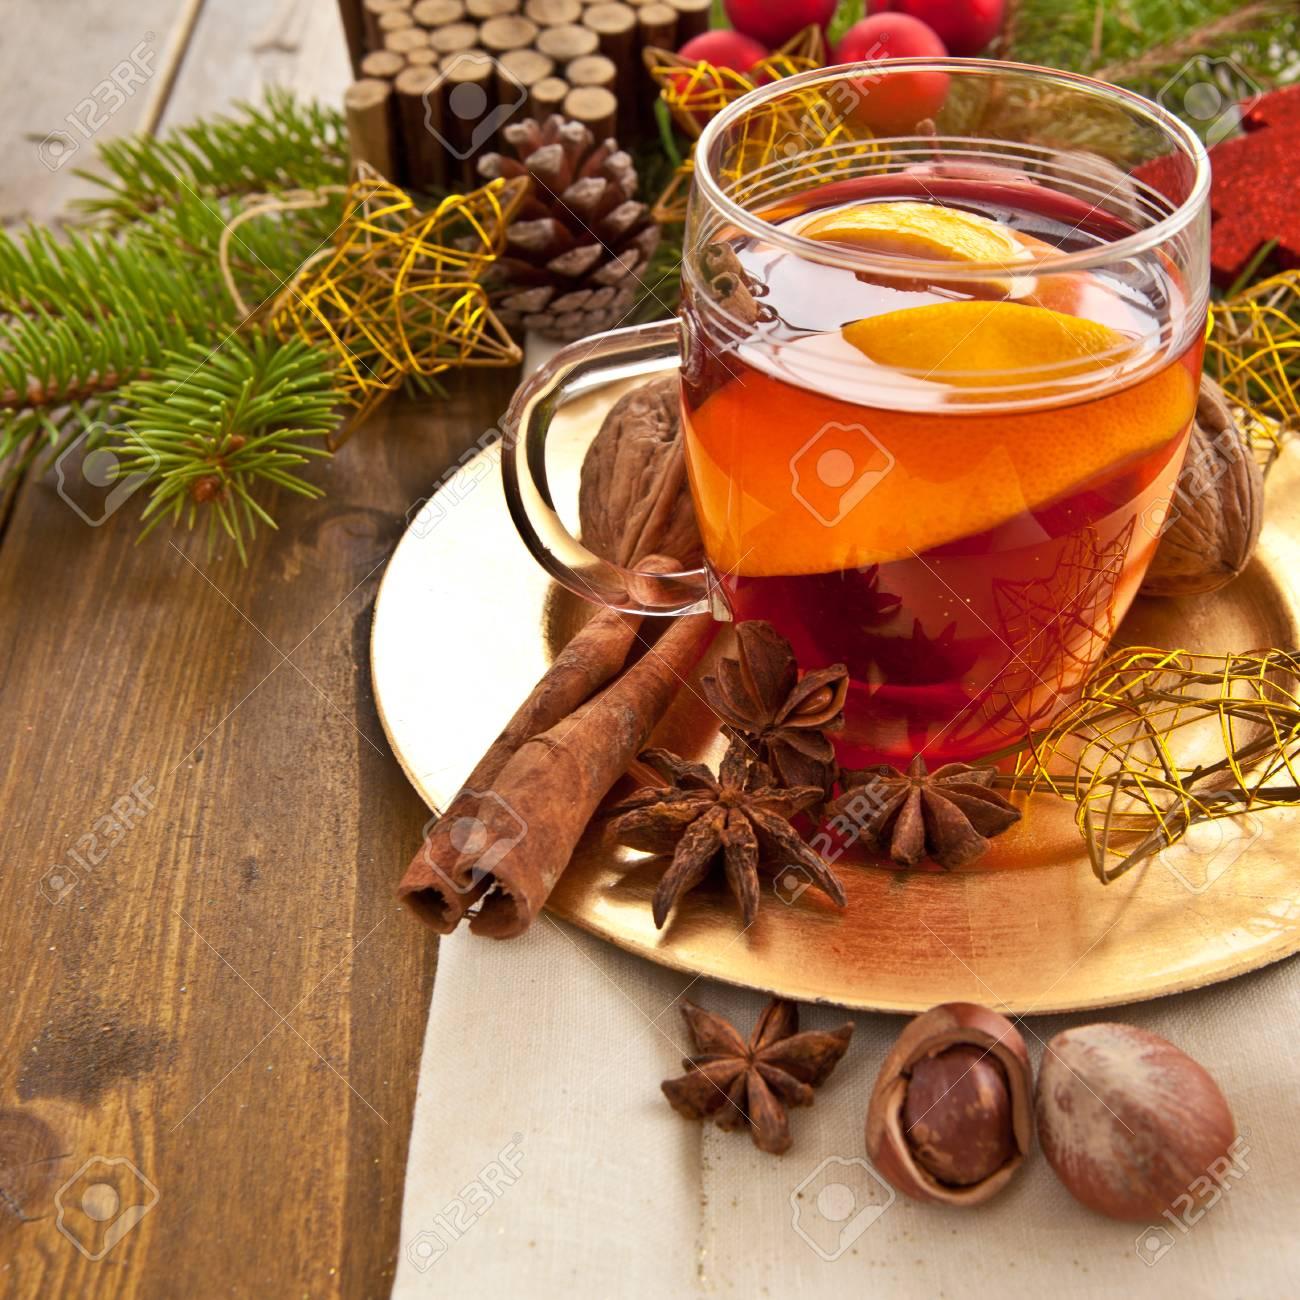 Heiße Getränke Mit Winter-Gewürze Für Weihnachten Lizenzfreie Fotos ...